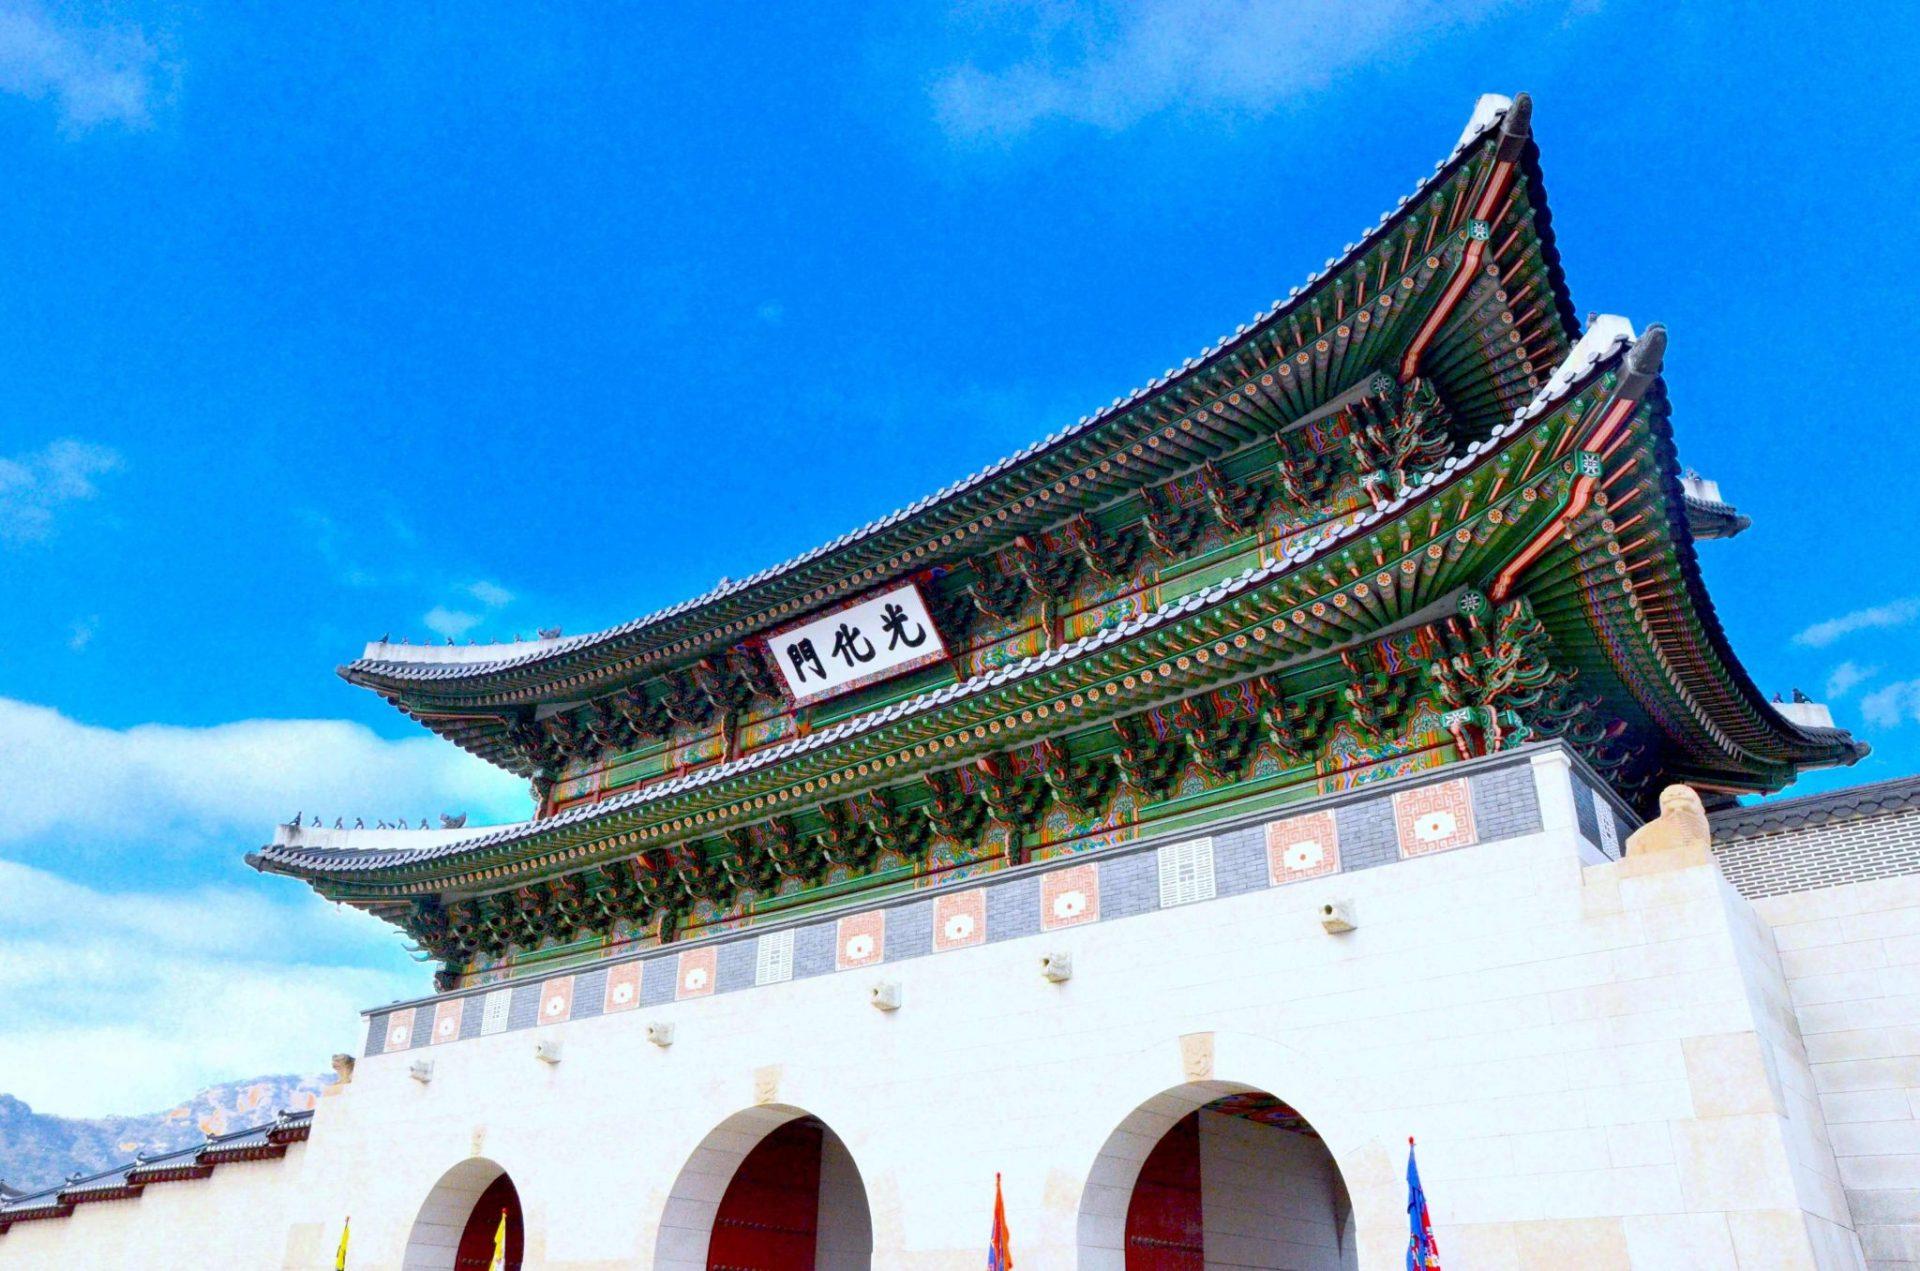 gwanghamun